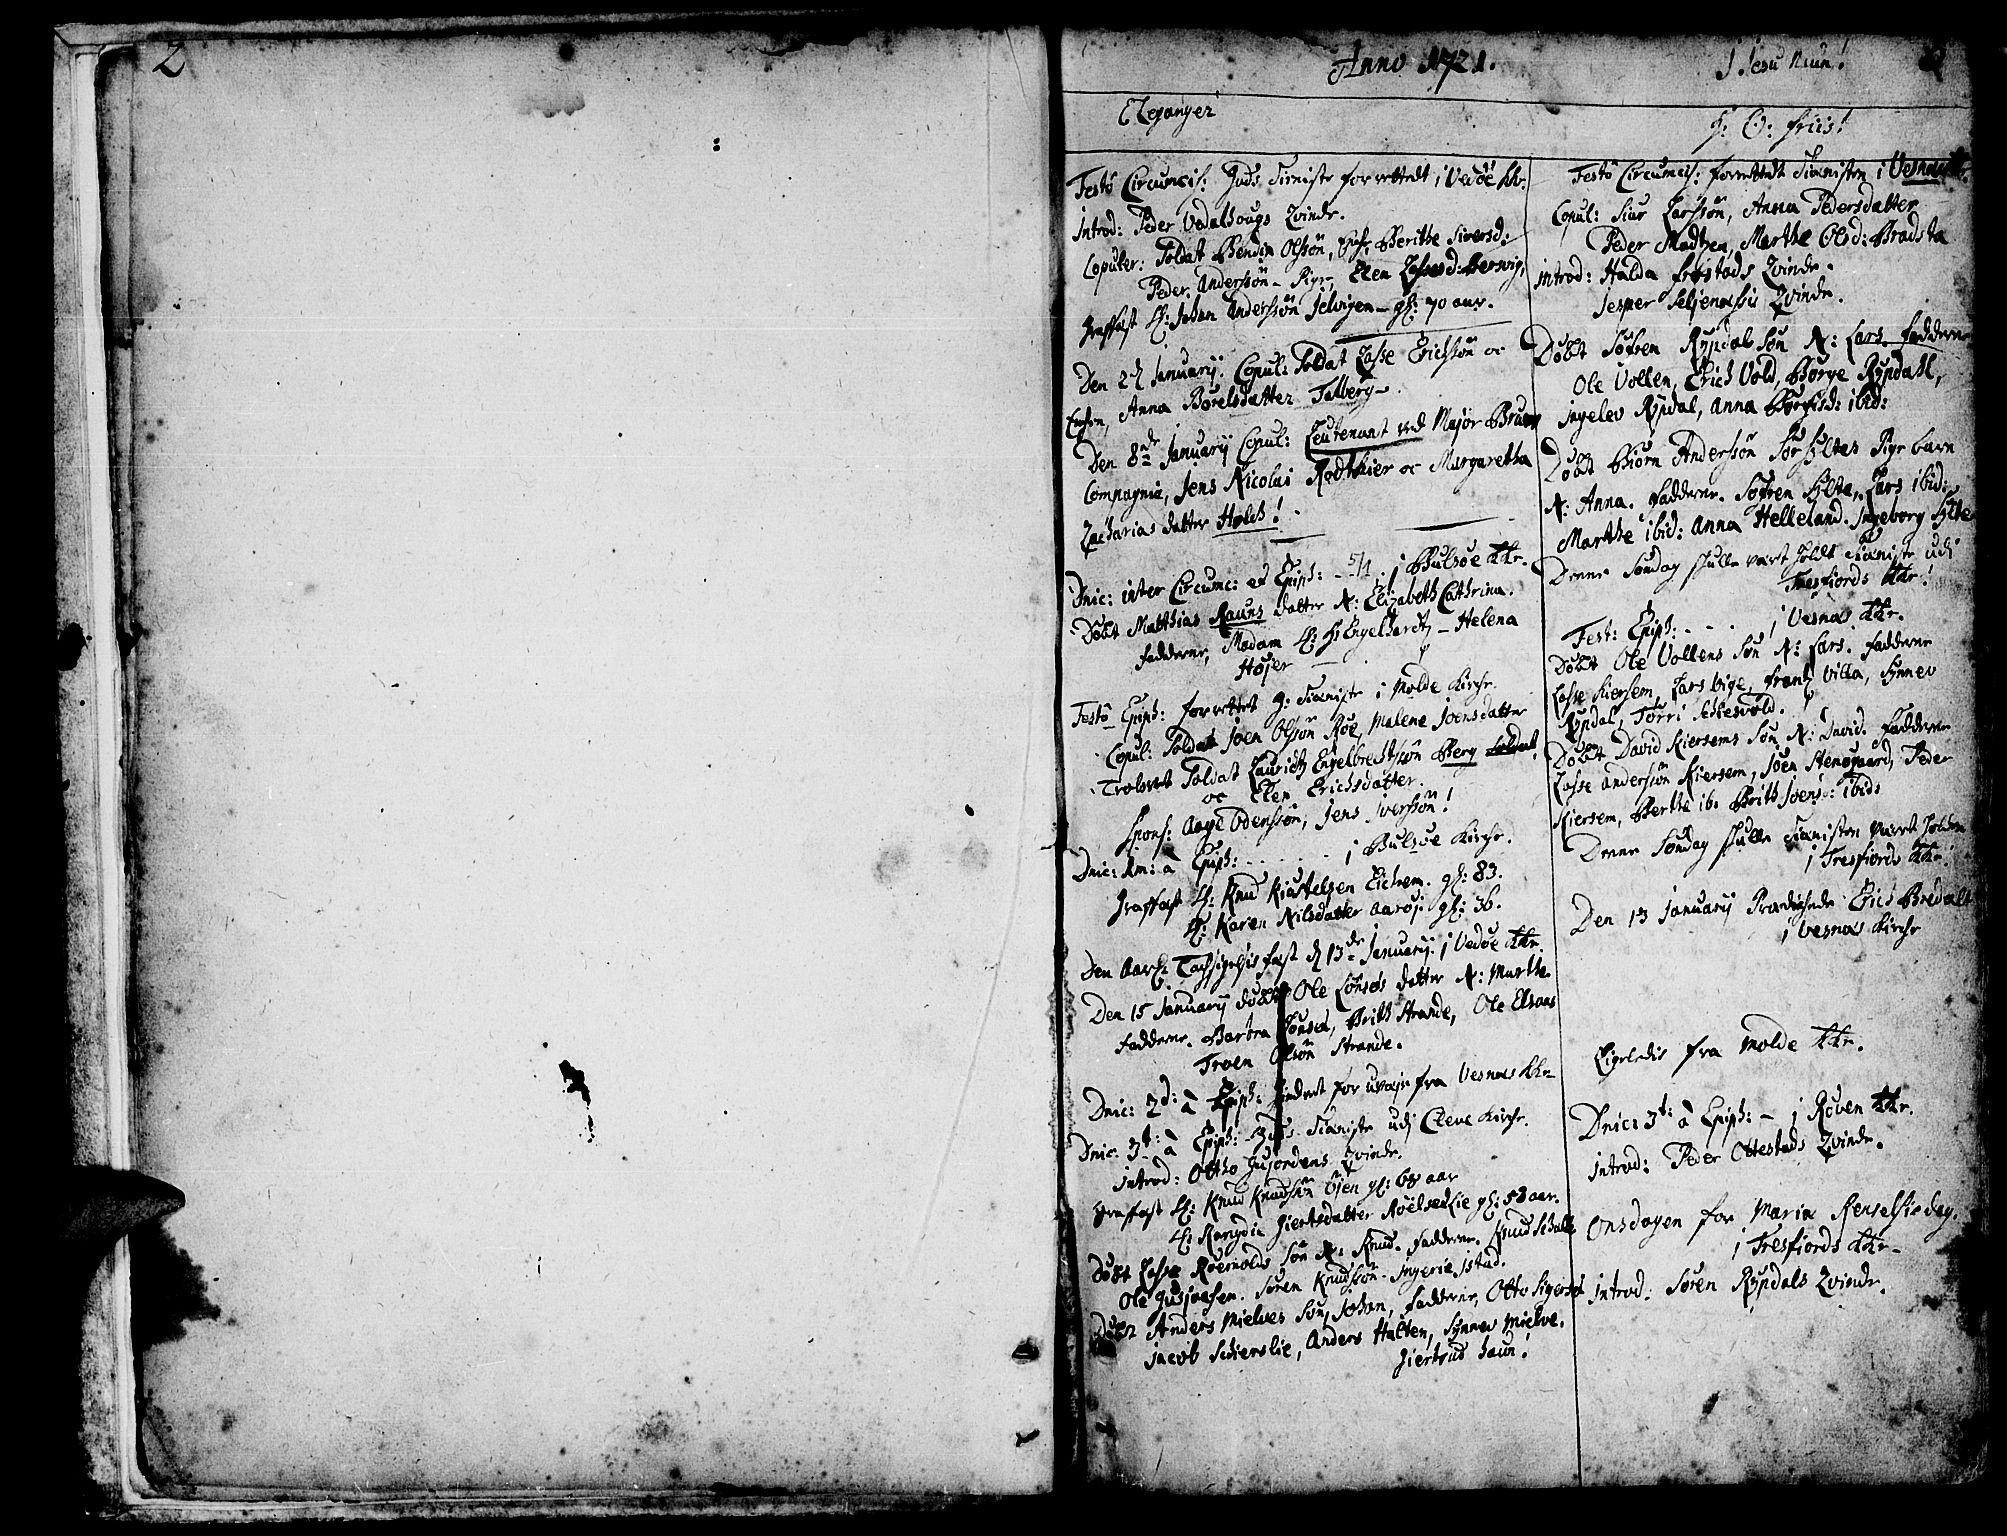 SAT, Ministerialprotokoller, klokkerbøker og fødselsregistre - Møre og Romsdal, 547/L0599: Ministerialbok nr. 547A01, 1721-1764, s. 2-3